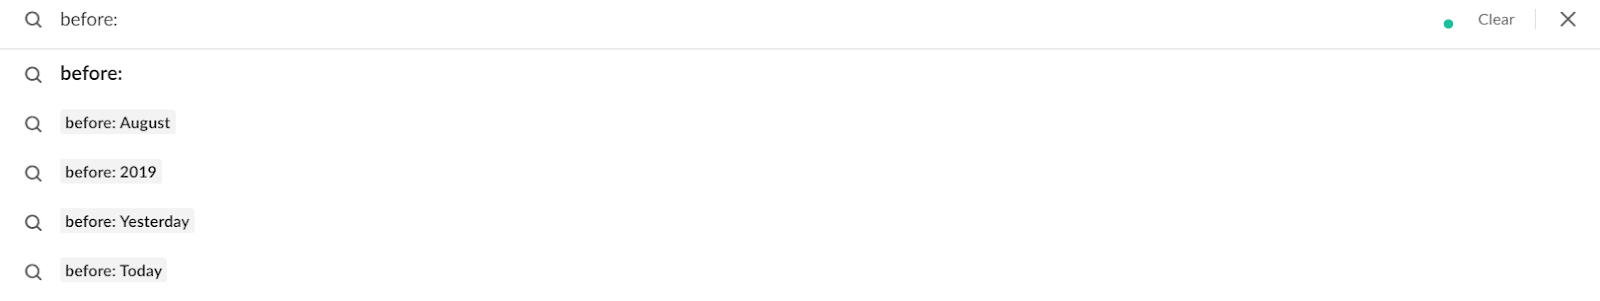 """Parâmetro de procura de Slack """"antes:"""""""